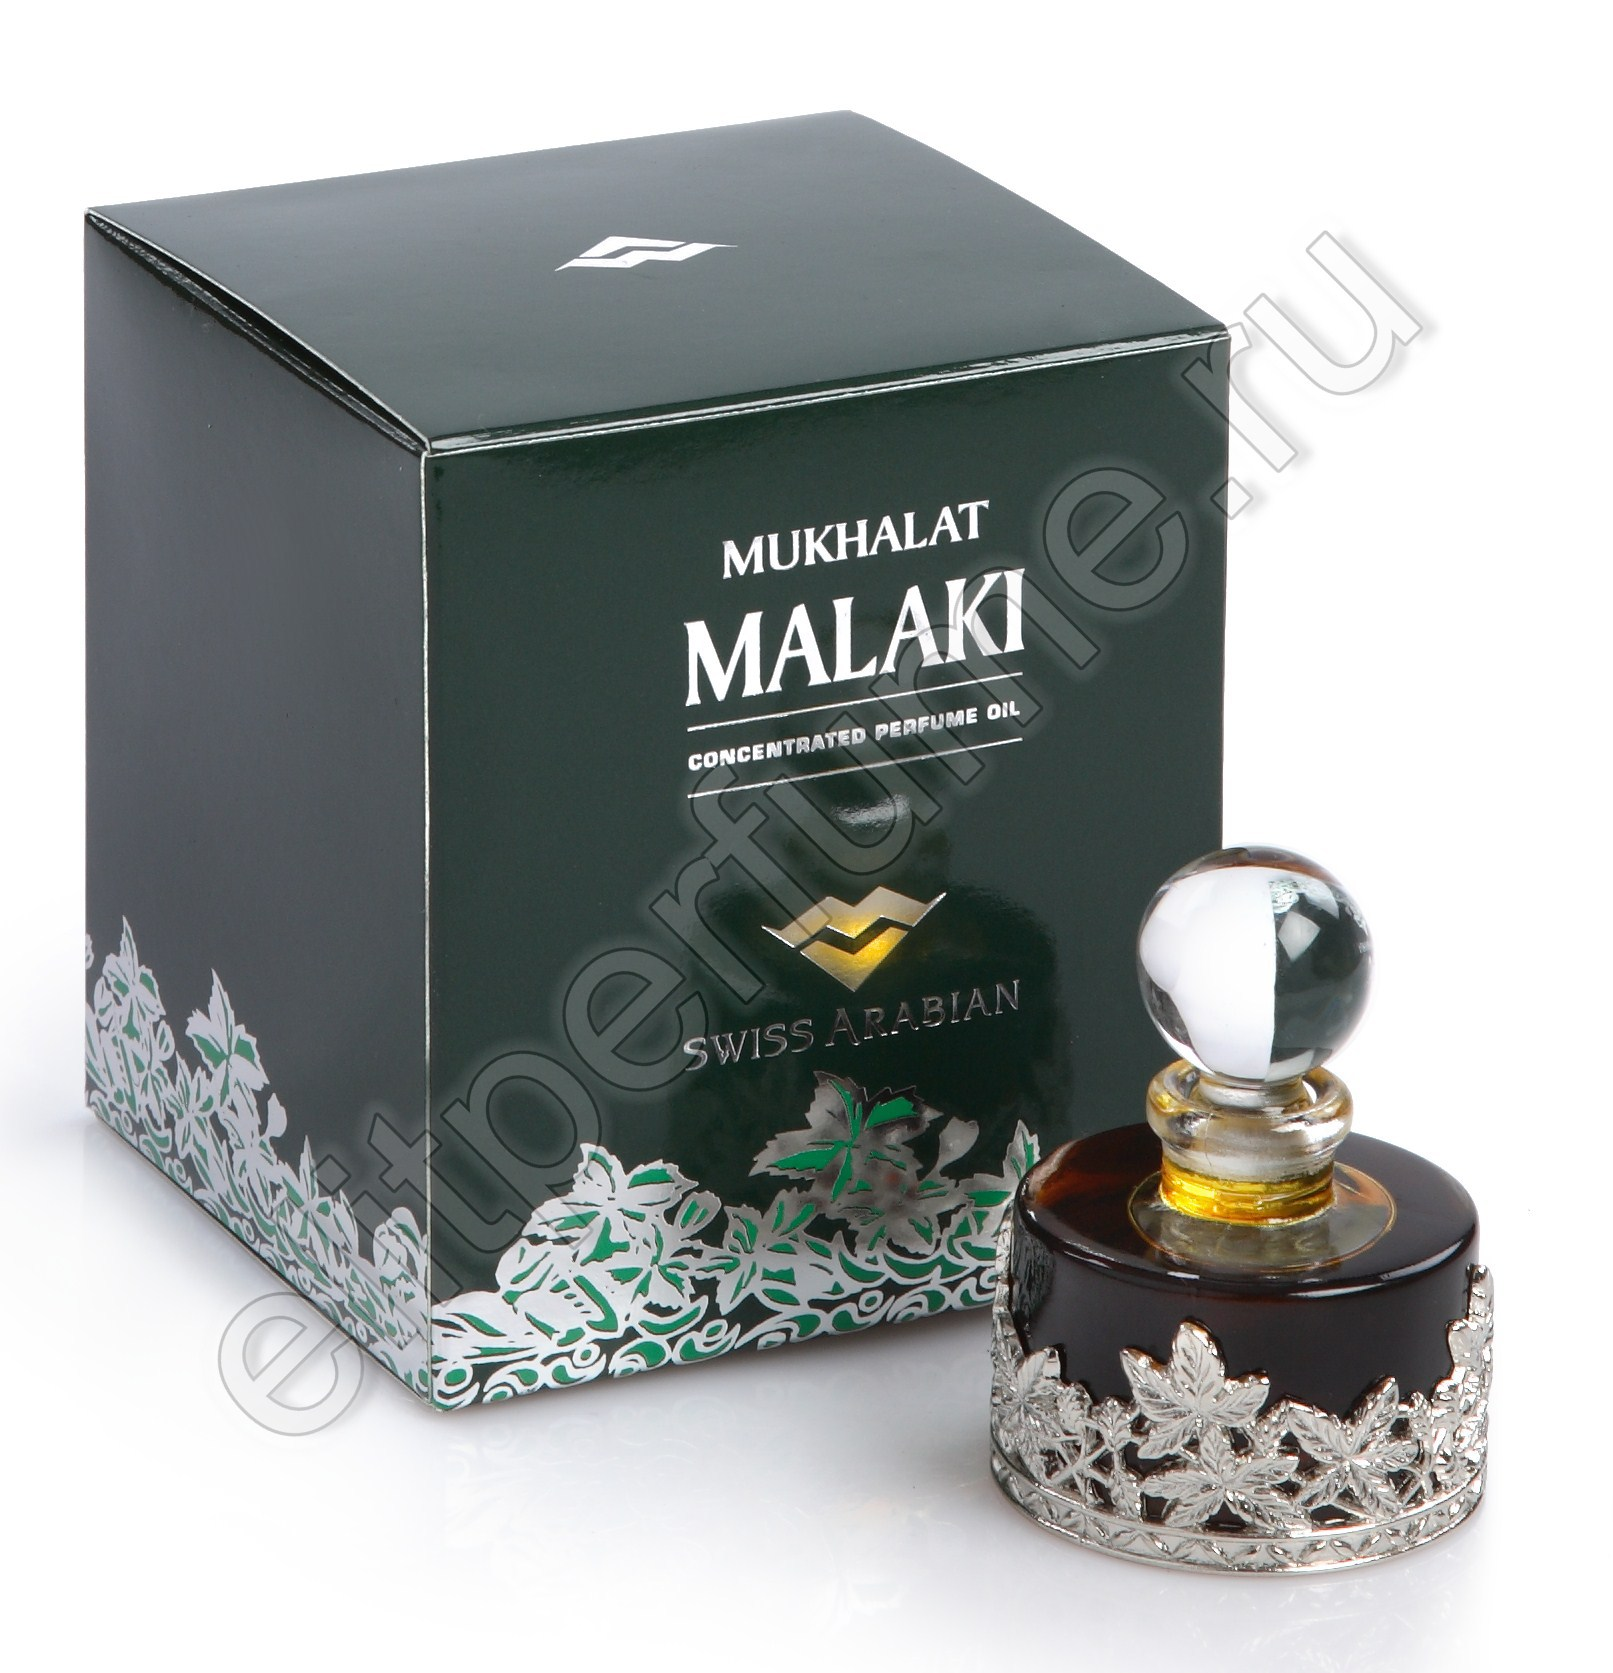 Пробники для арабских духов Мухаллат Малаки Mukhalat Malaki 1 мл арабские масляные духи от Свисс Арабиан Swiss Arabian